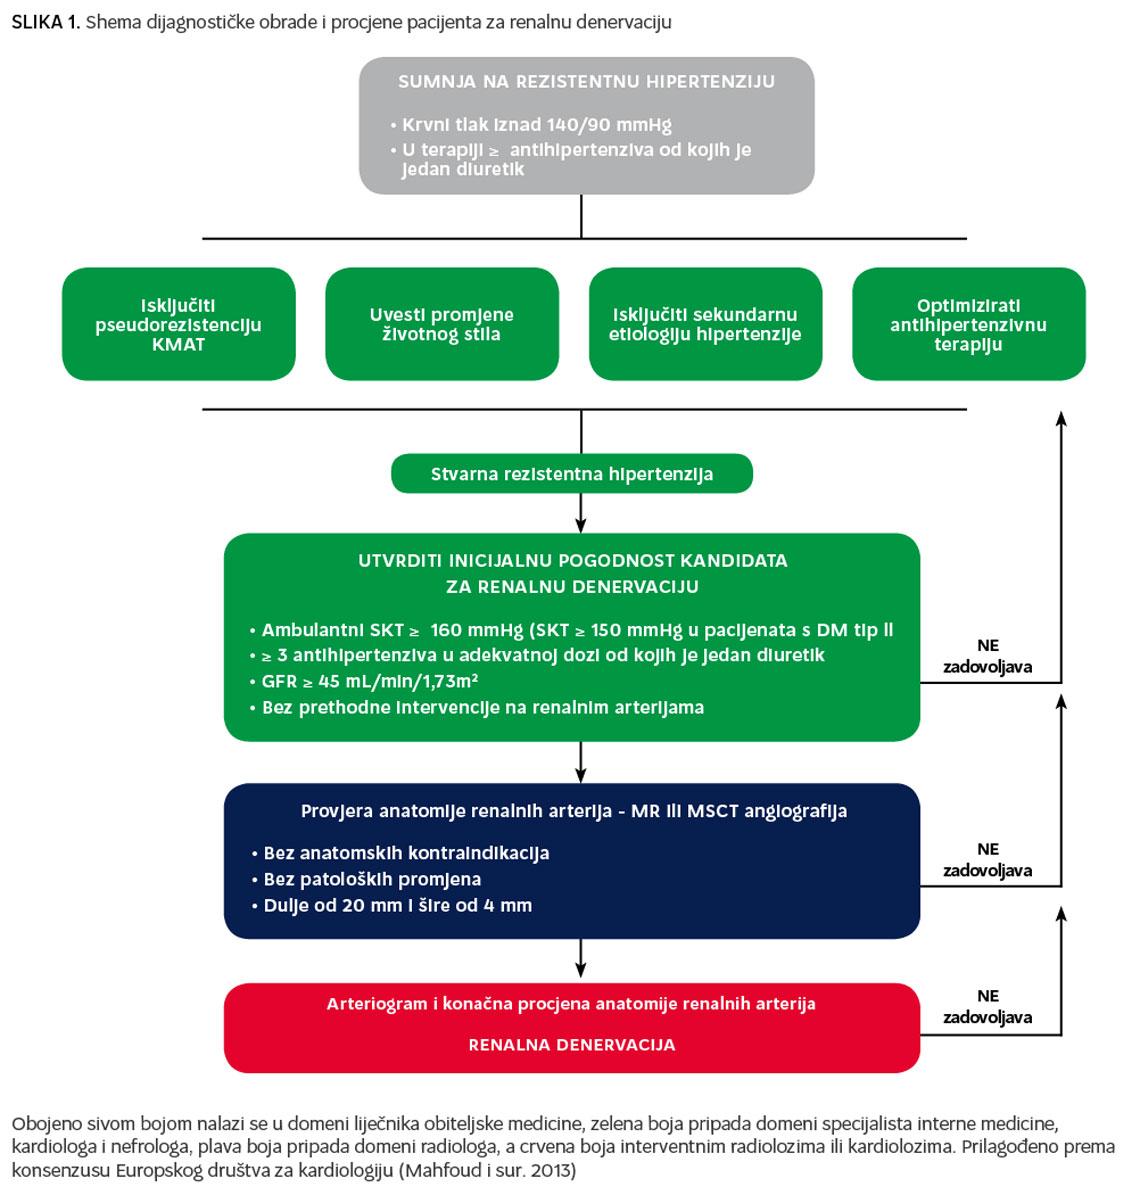 skrb za hitne slučajeve hipertenzije renovaskularna hipertenzija javlja